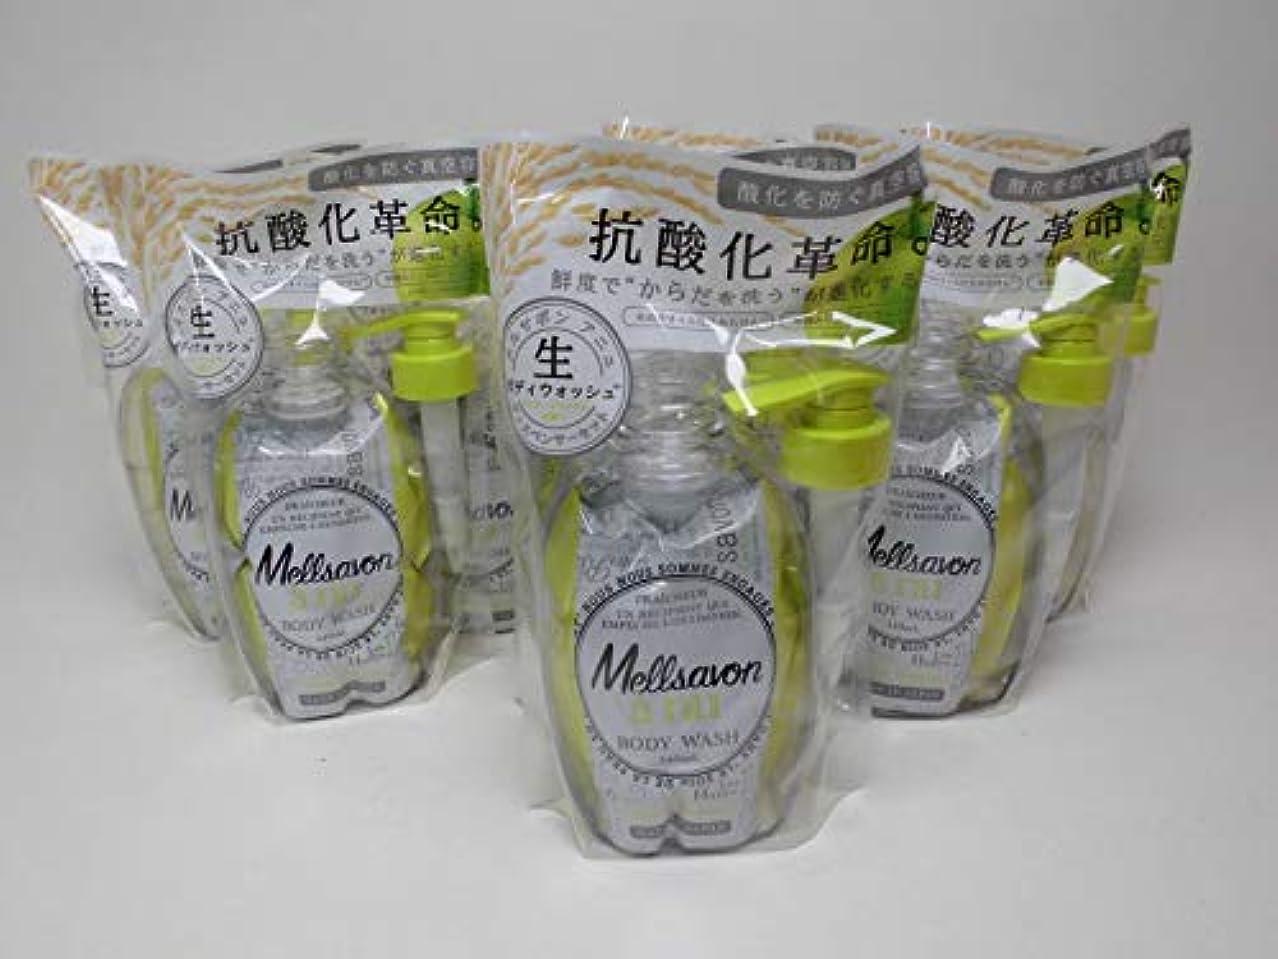 印象的な科学者科学者【8個セット】メルサボンアニュ ボディウォッシュイエローブロッサムの香り/ディスペンサーセット340mL